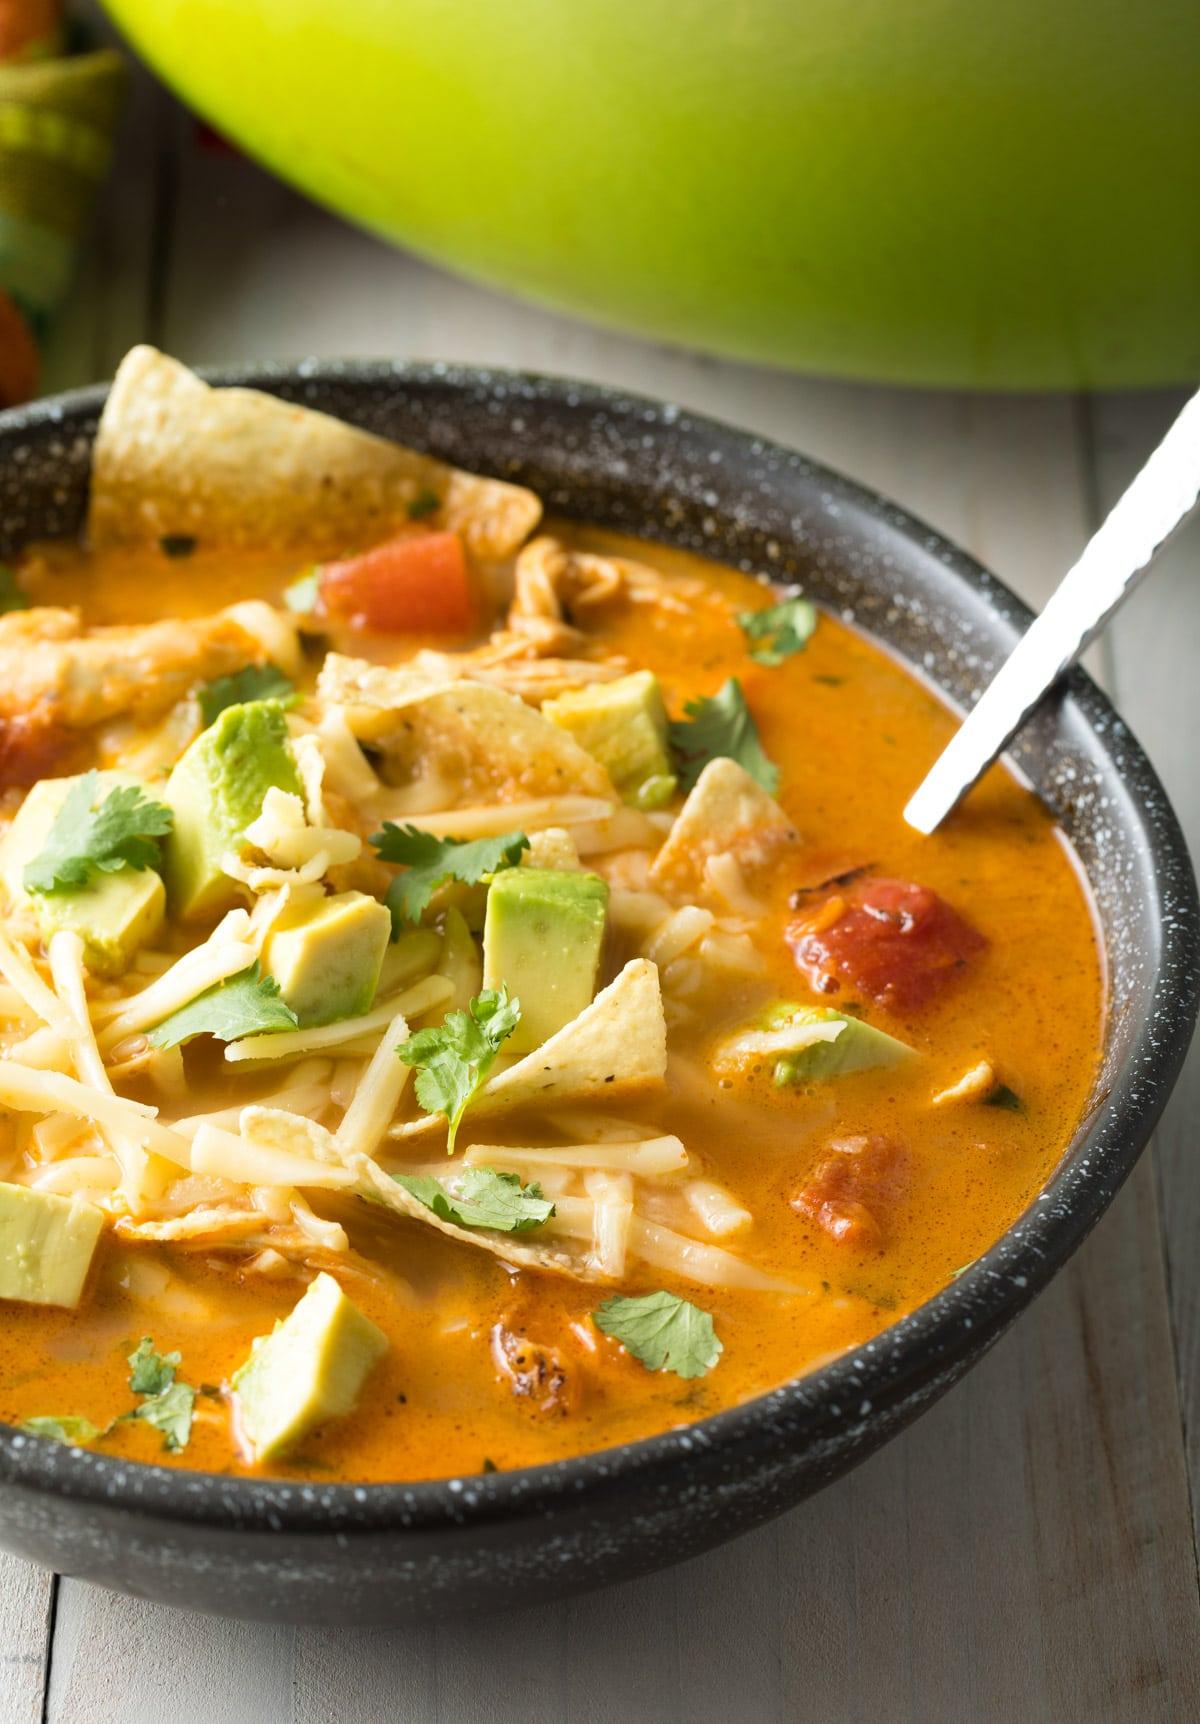 The Best Easy Chicken Tortilla Soup Recipe #ASpicyPerspective  #instantpot #slowcooker